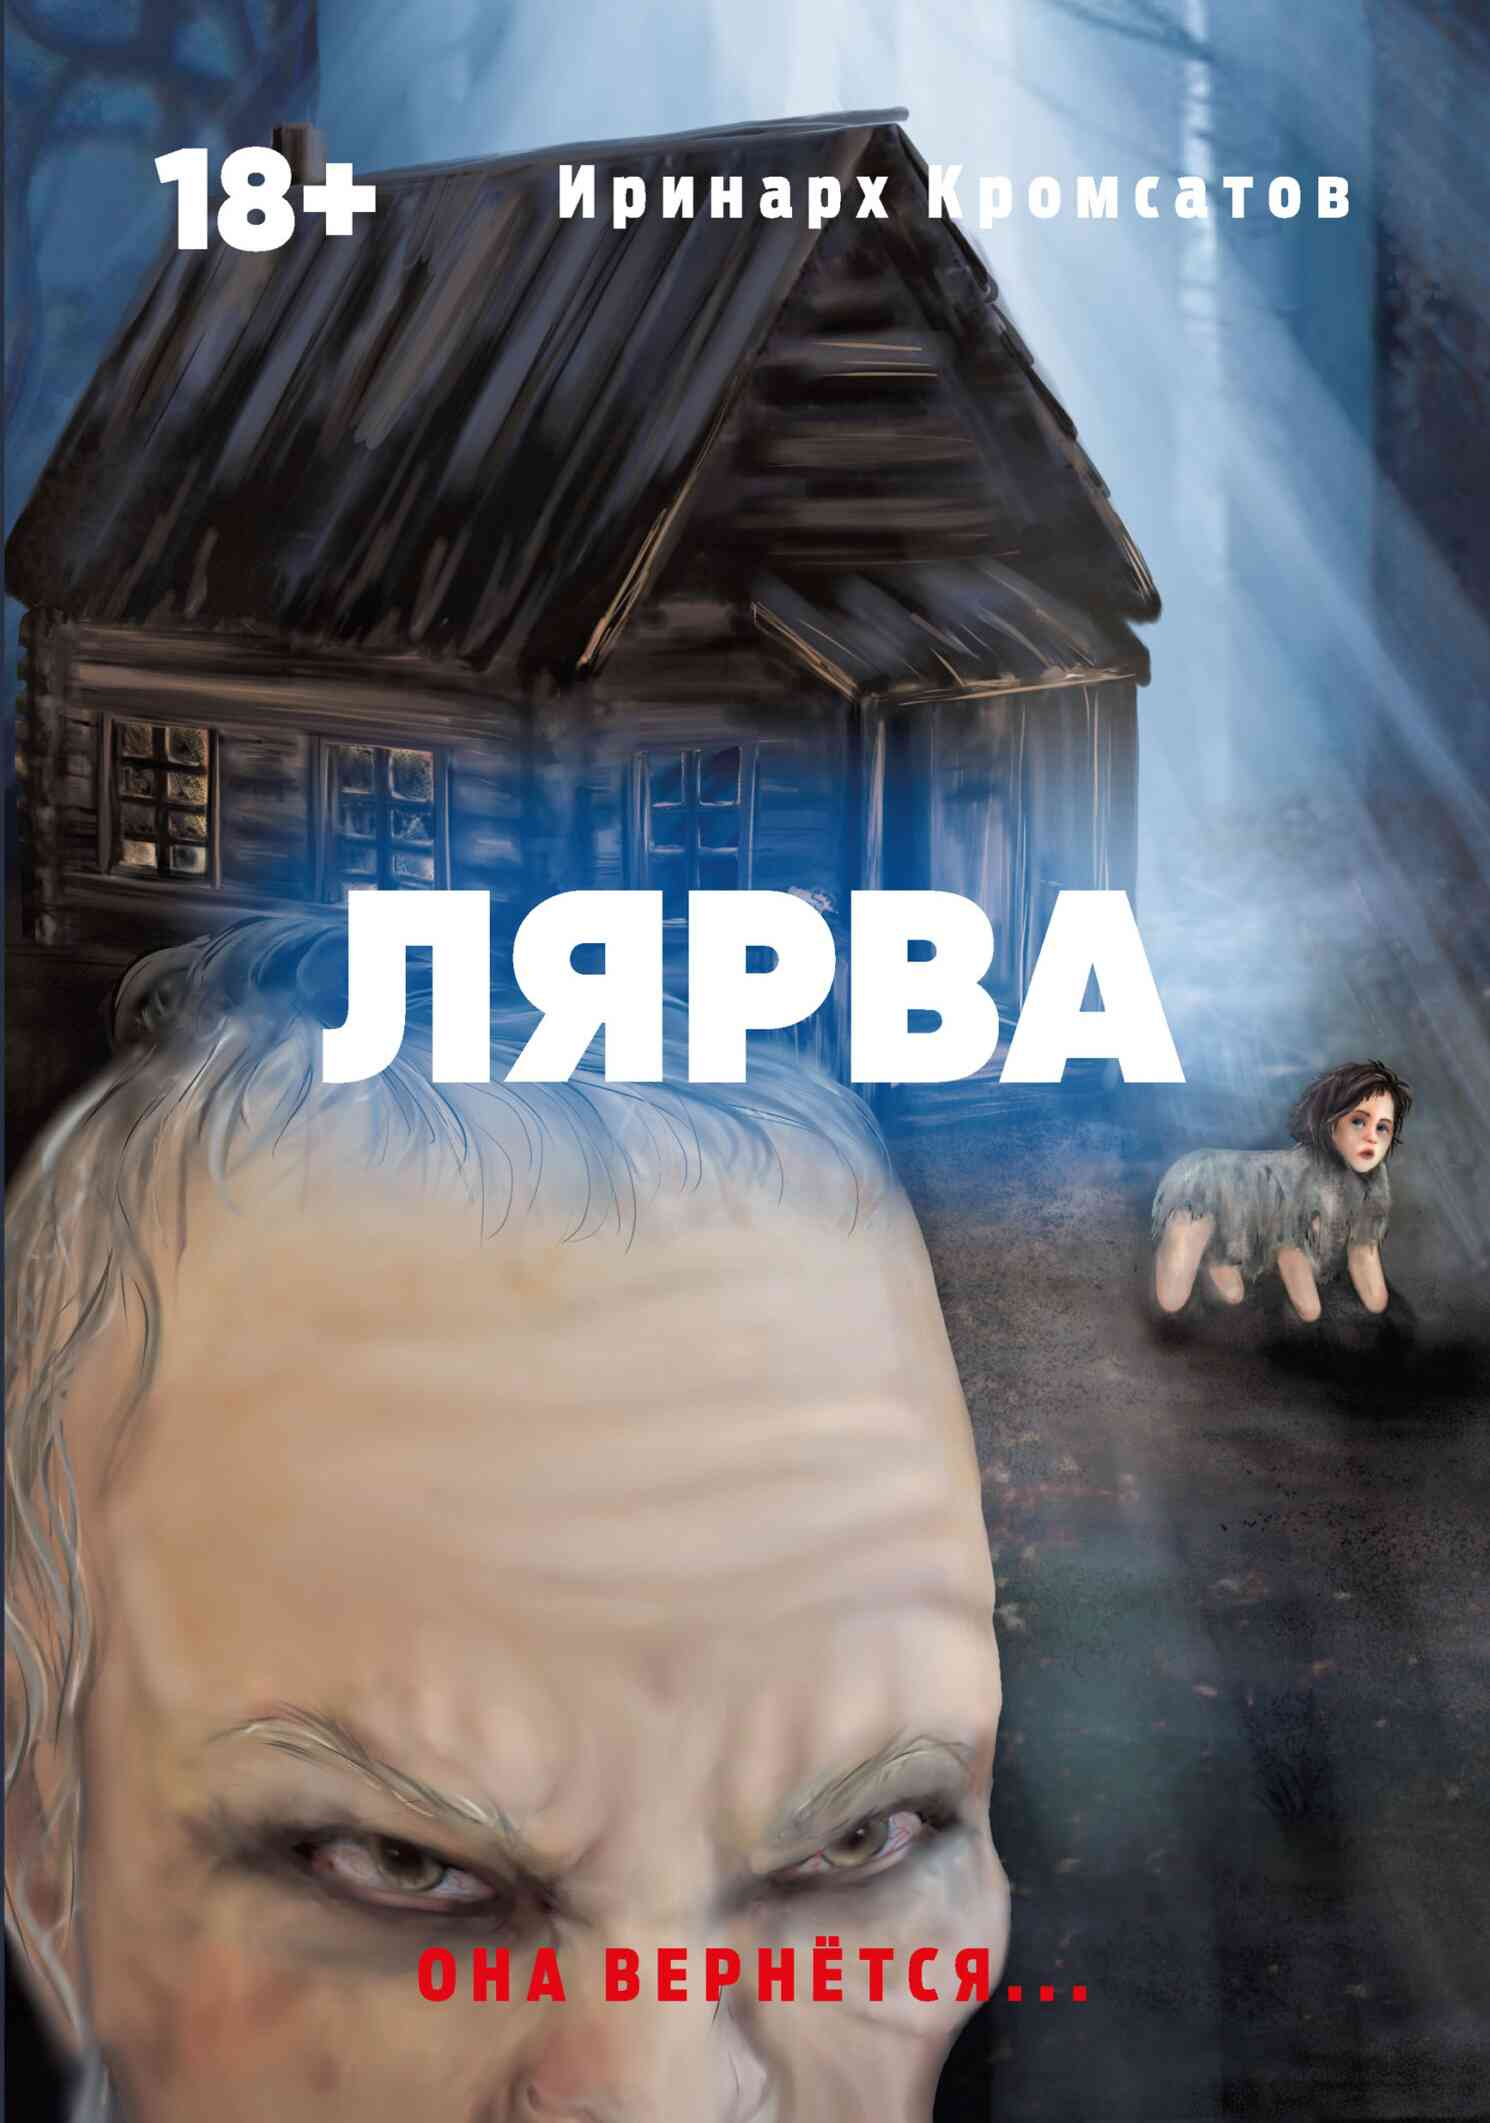 Лярва